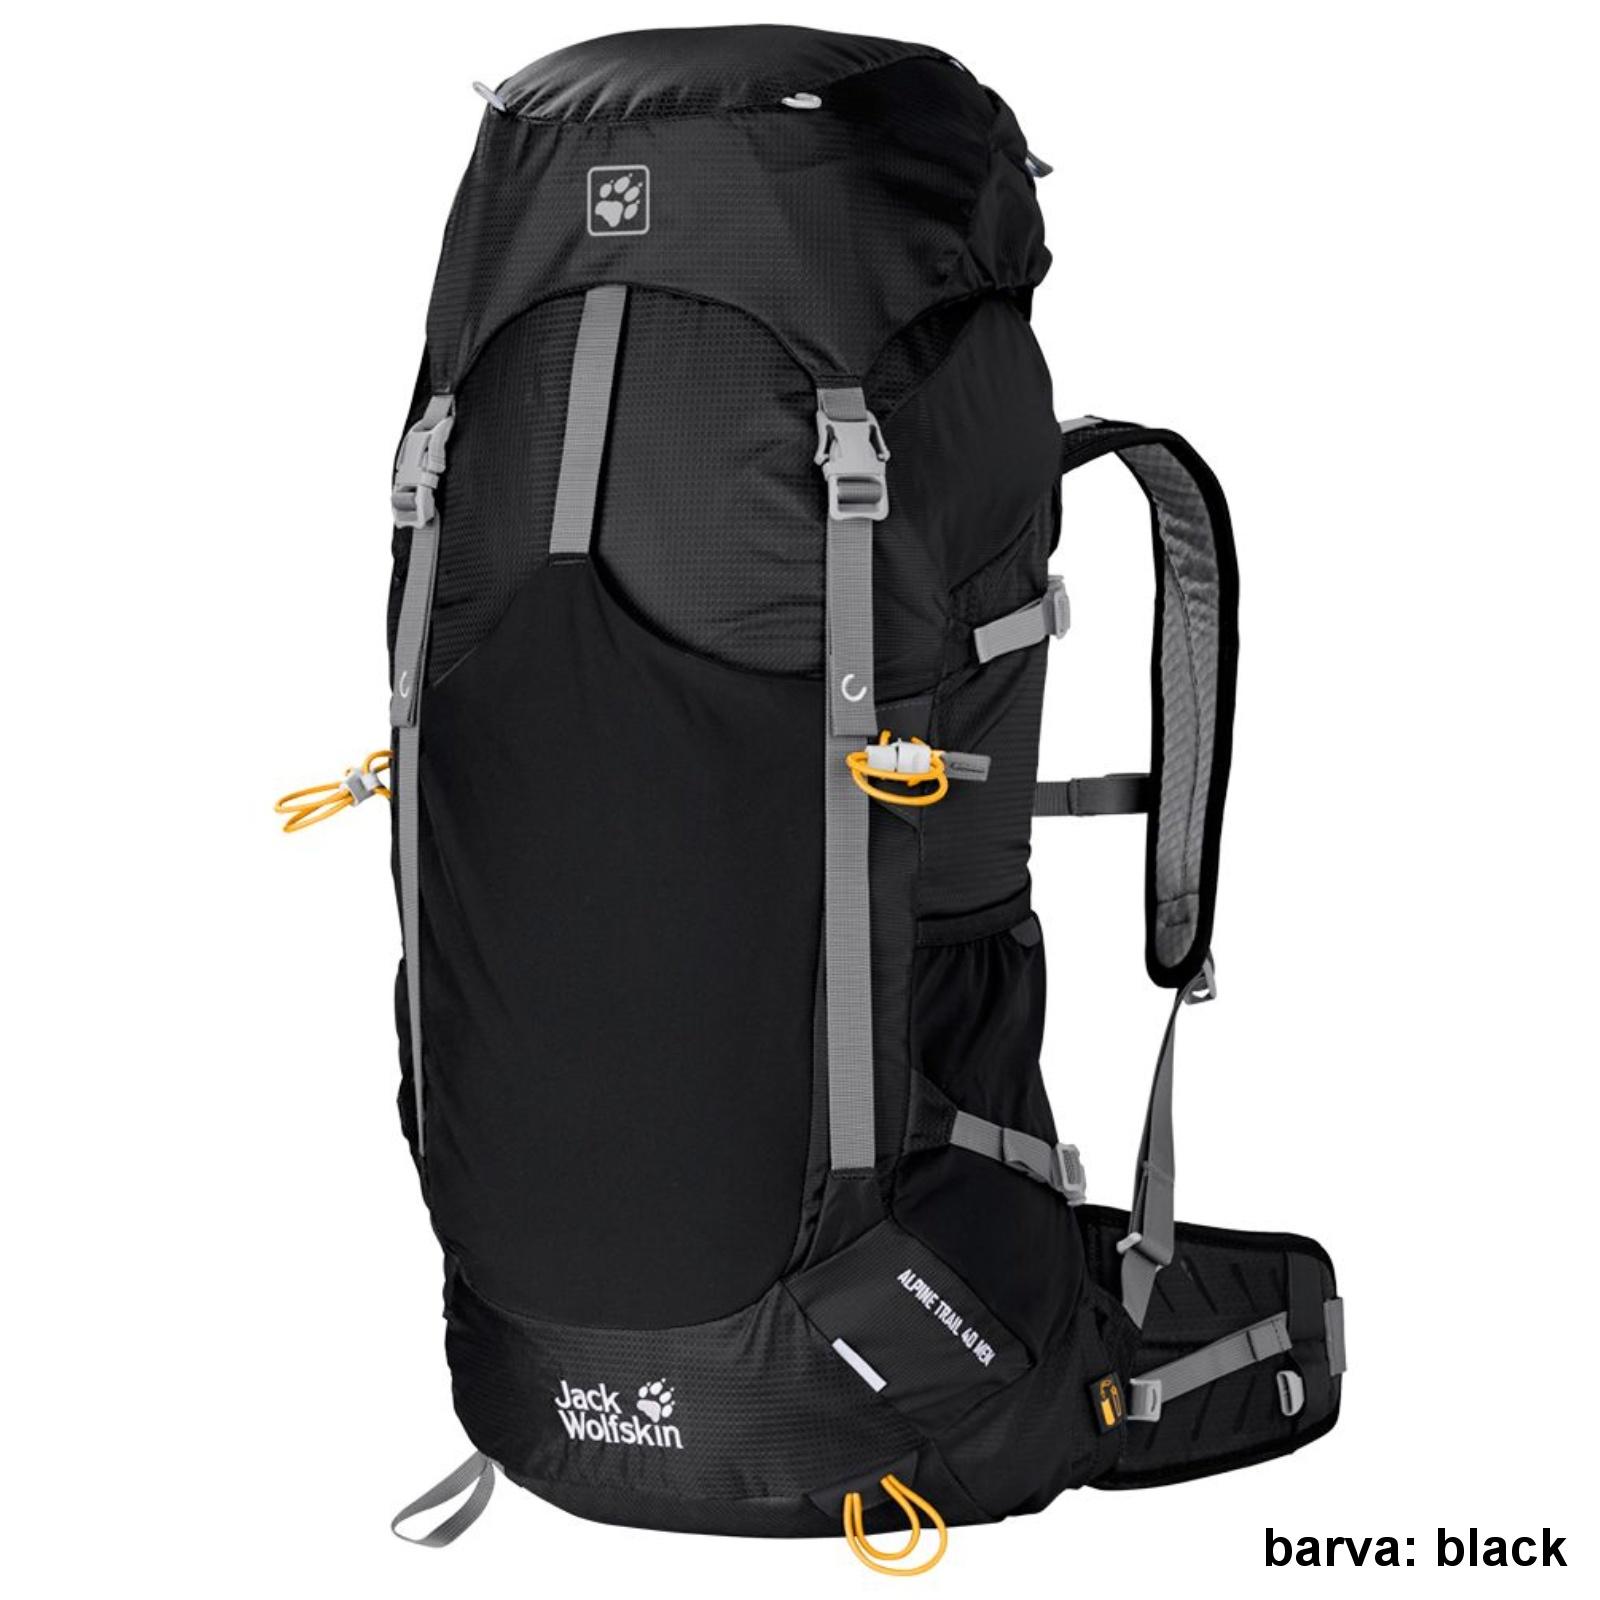 Batoh JACK WOLFSKIN Alpine Trail 40 l - černý